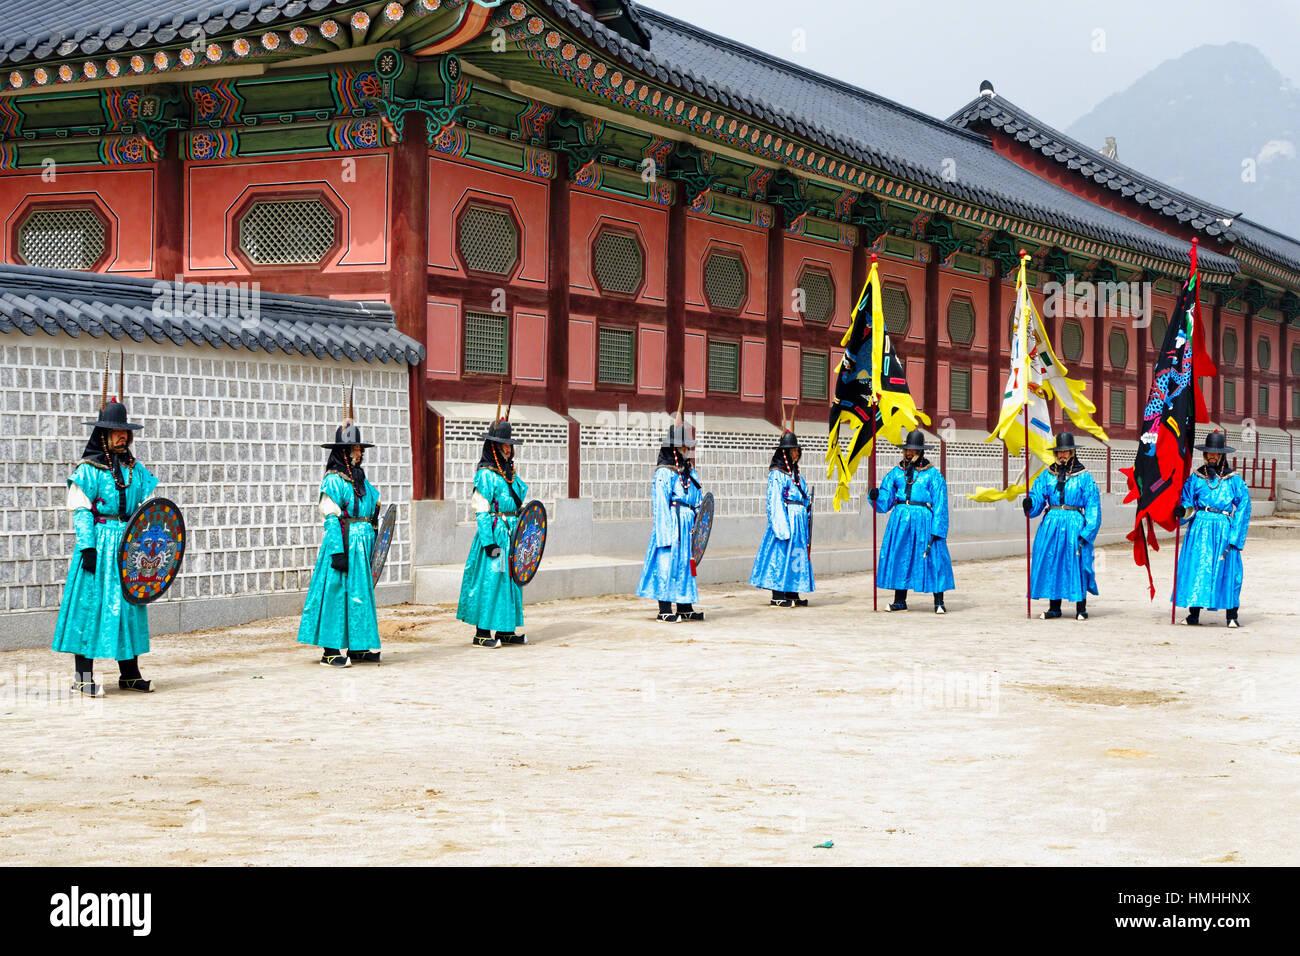 Ceremonia de cambio de guardia, el Palacio Gyeongbokgung, Seúl, Corea del Sur Imagen De Stock